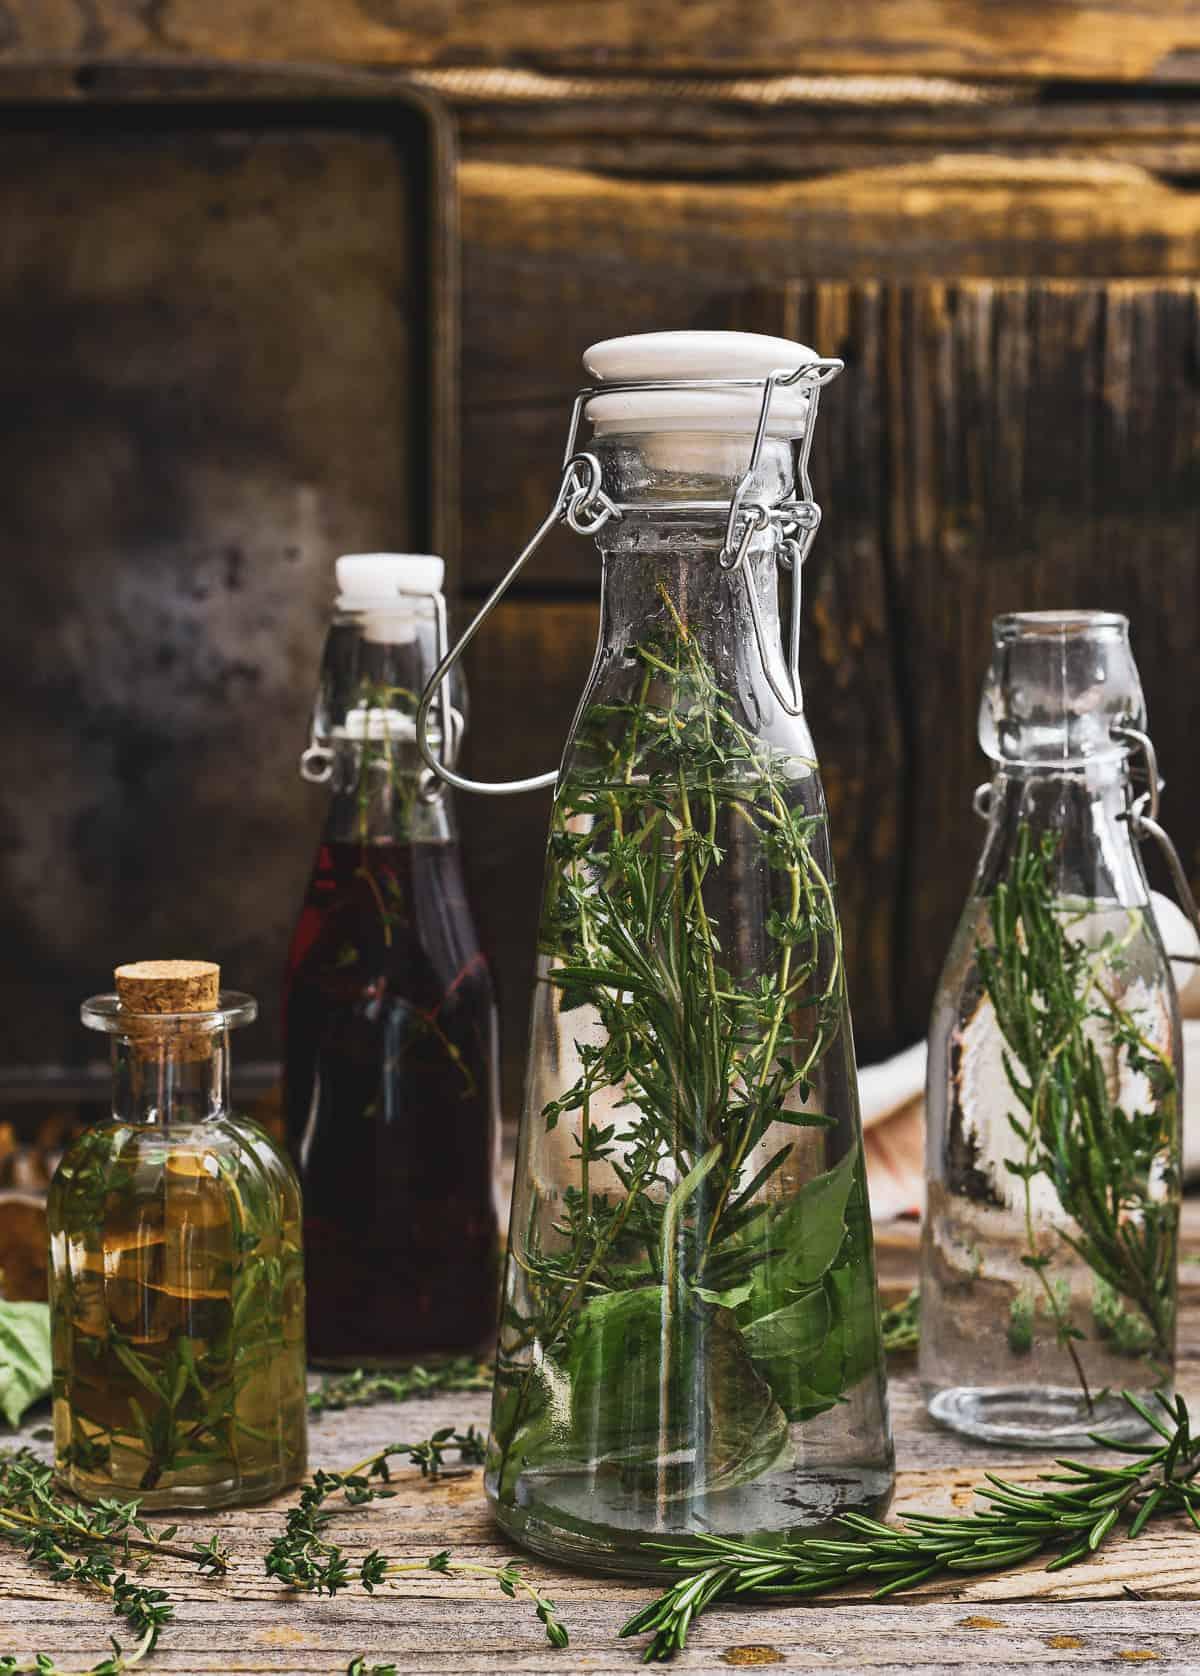 Four bottles of vinegar and herbs.